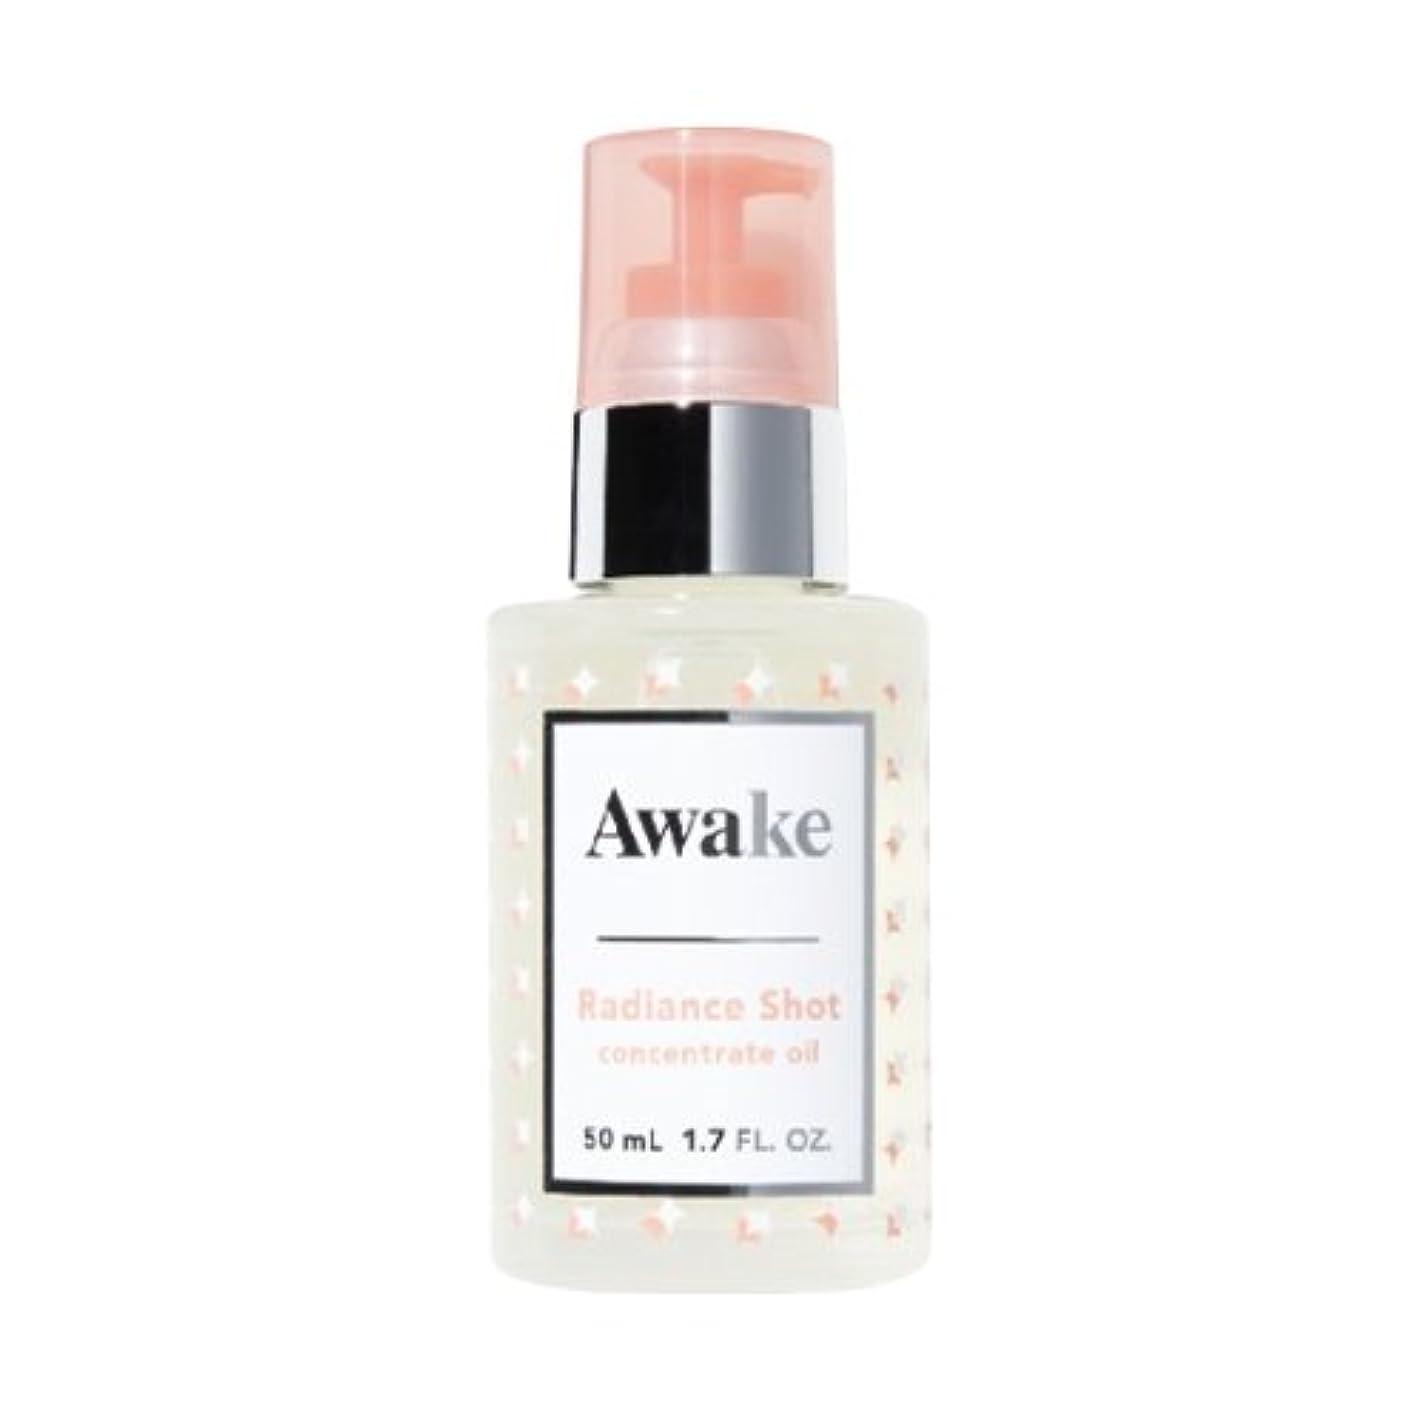 ペッカディロ宇宙船繁雑アウェイク(AWAKE) Awake(アウェイク) ラディアンスショット コンセントレイトオイル 〈美容オイル〉 (50mL)